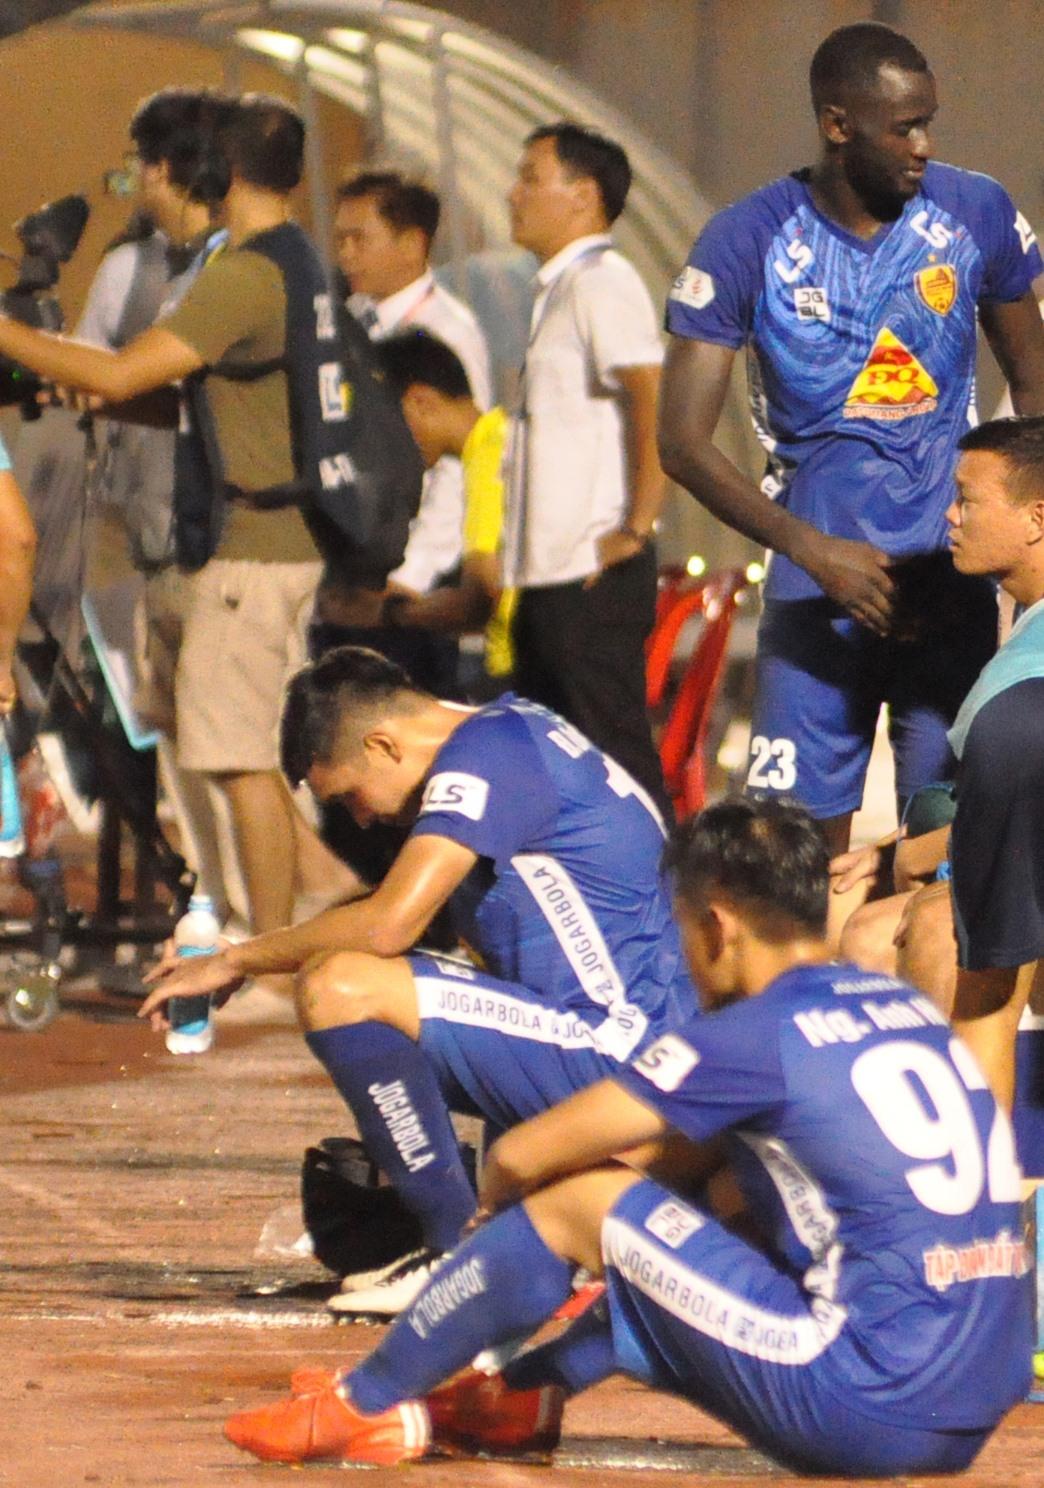 Nỗi buồn của các cầu thủ Quảng Nam sau thất bại trước Becamex Bình Dương. Ảnh:A.N